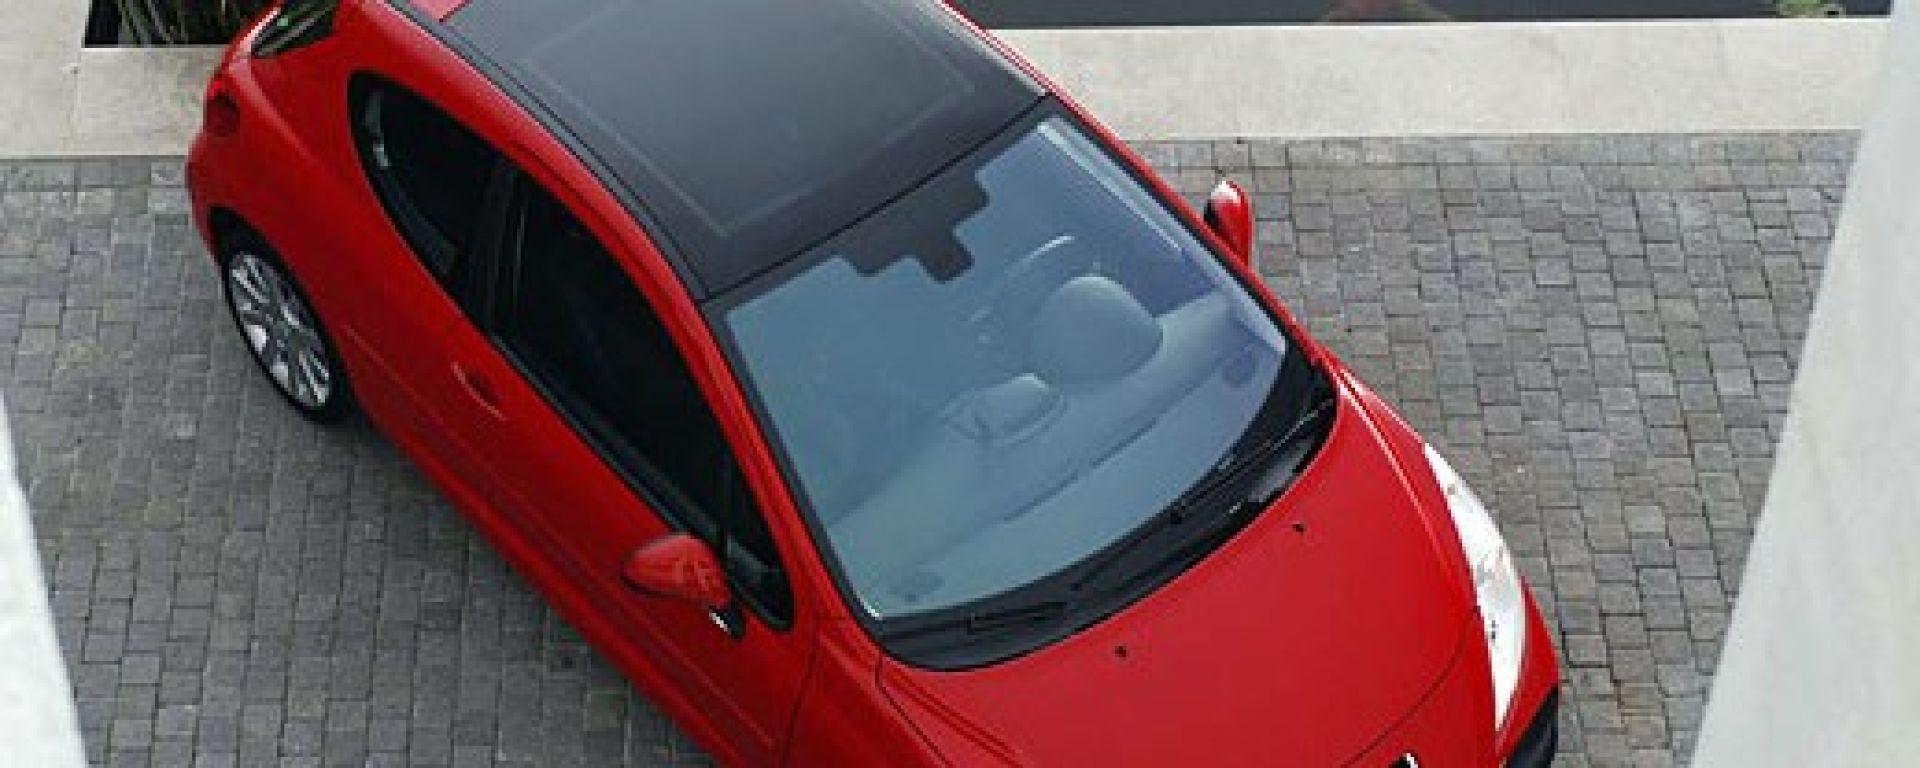 Peugeot 207: ora non ha più segreti